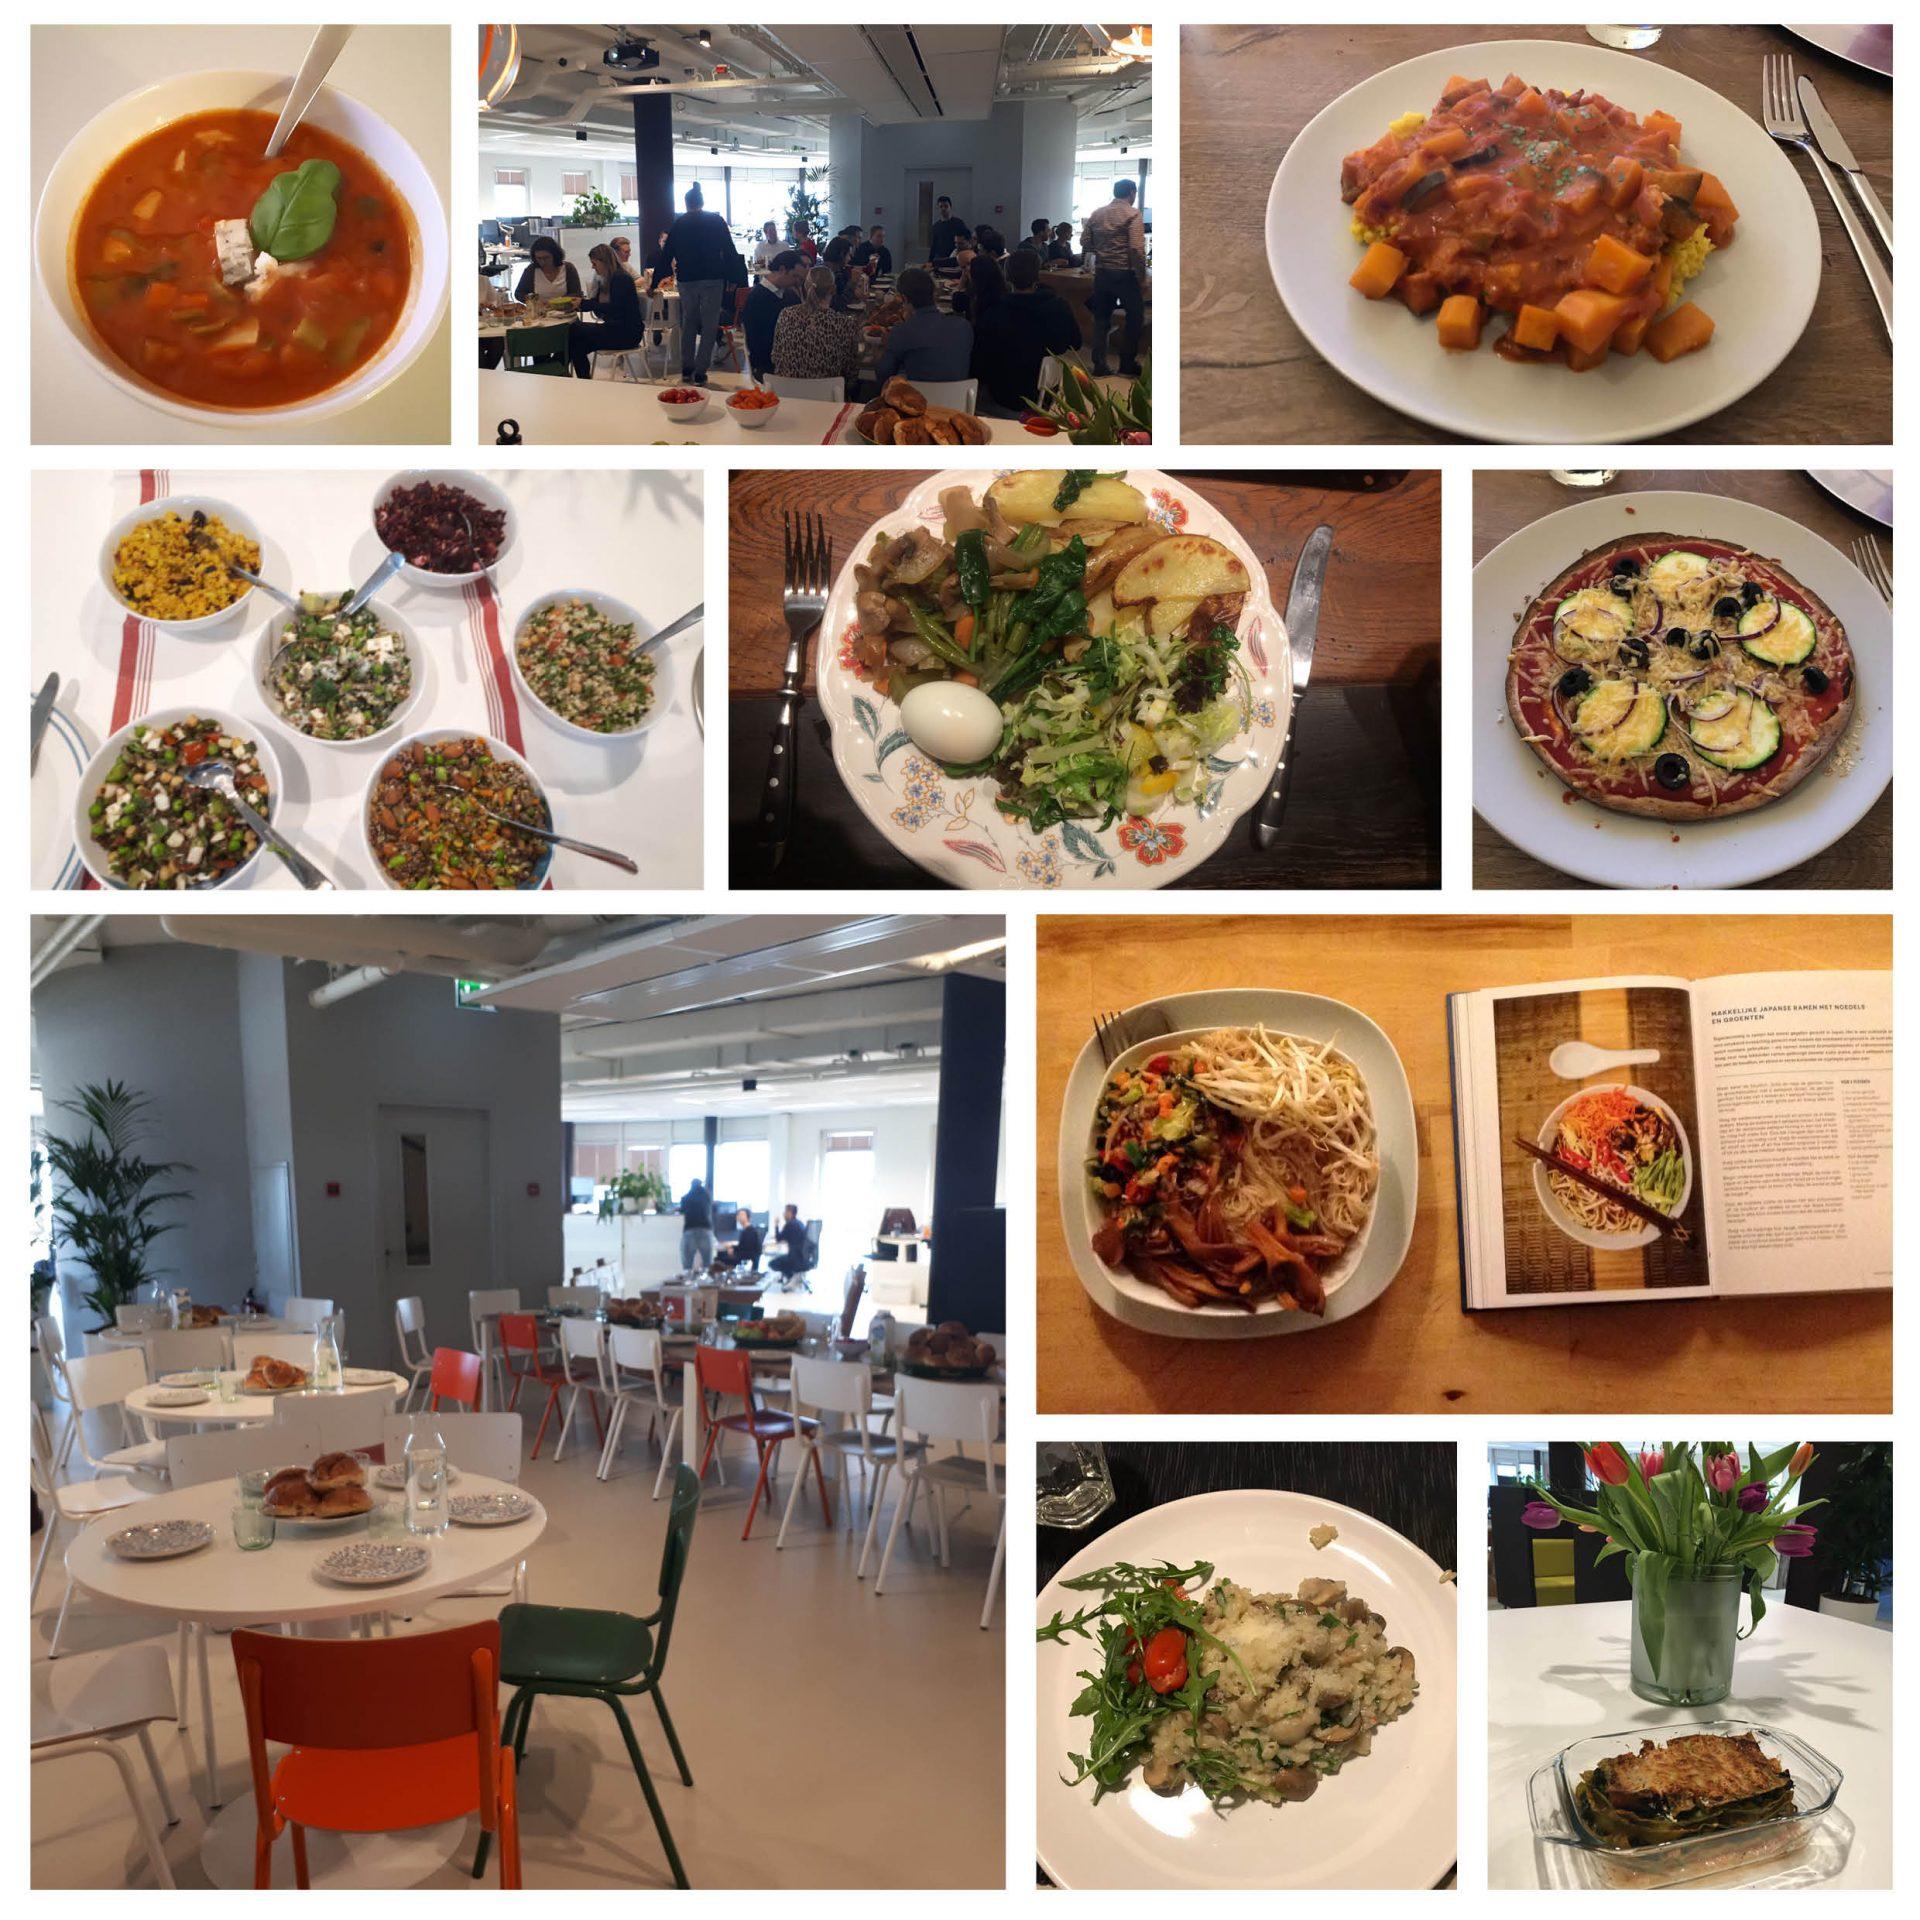 De Nationale Week zonder Vlees - Zelfstroom - Verzamelblog-blog